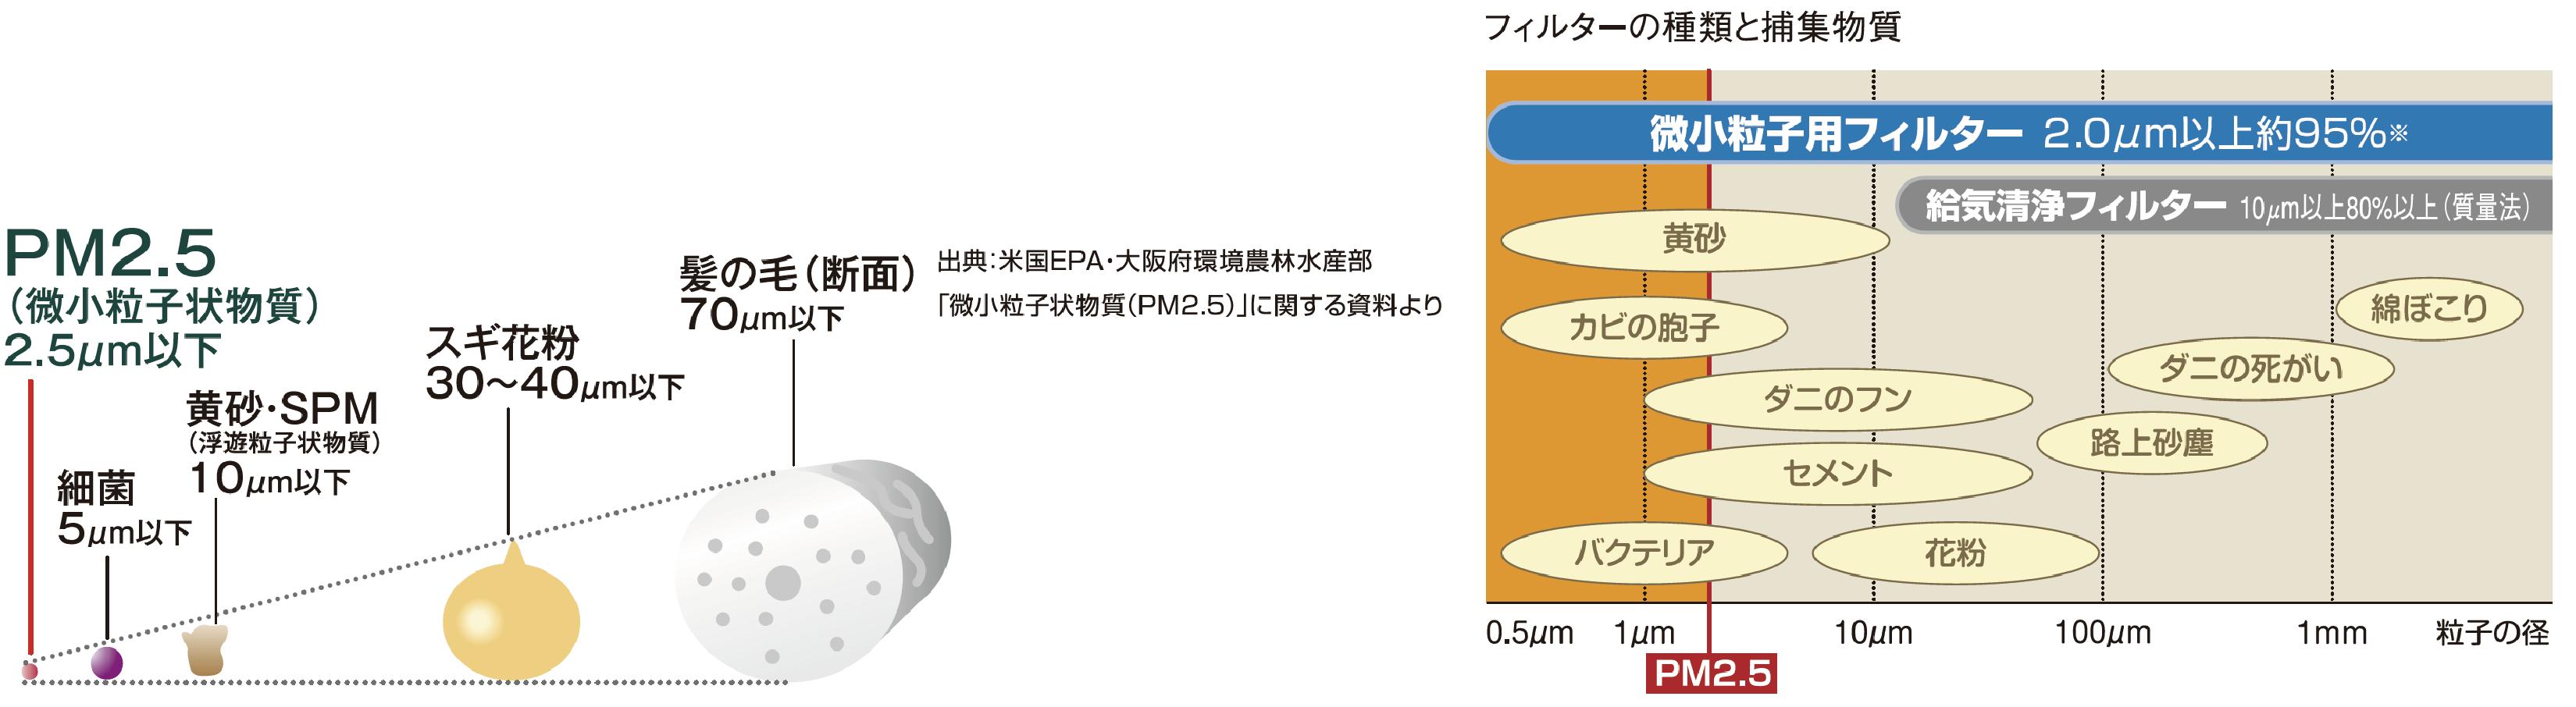 PM2.5 フィルターの種類と捕集物質